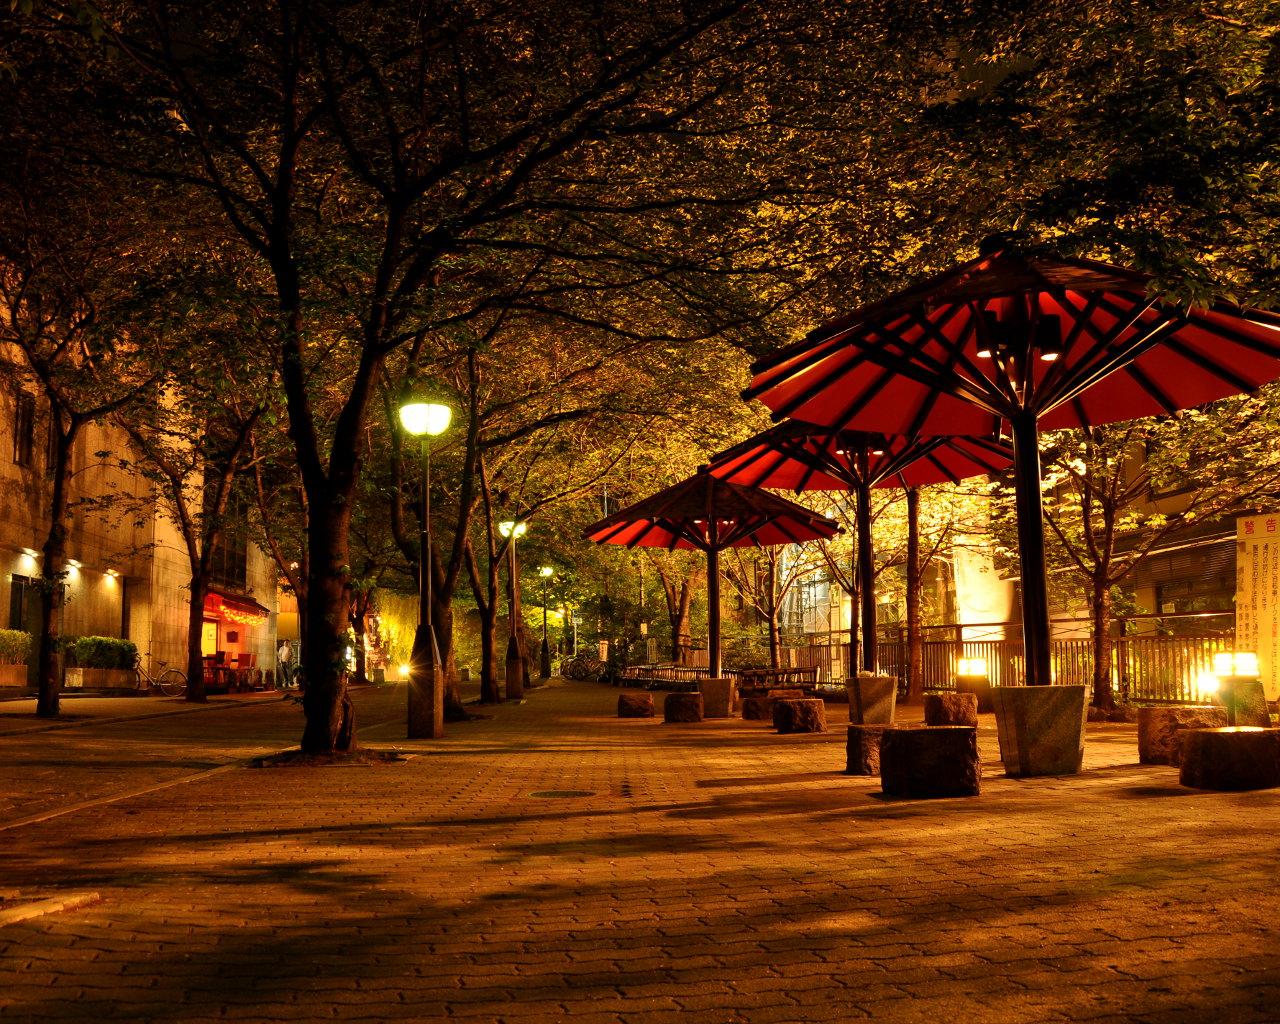 【夜のお出かけスポット】京都で楽しめる美しい夜景11選を大公開!のサムネイル画像